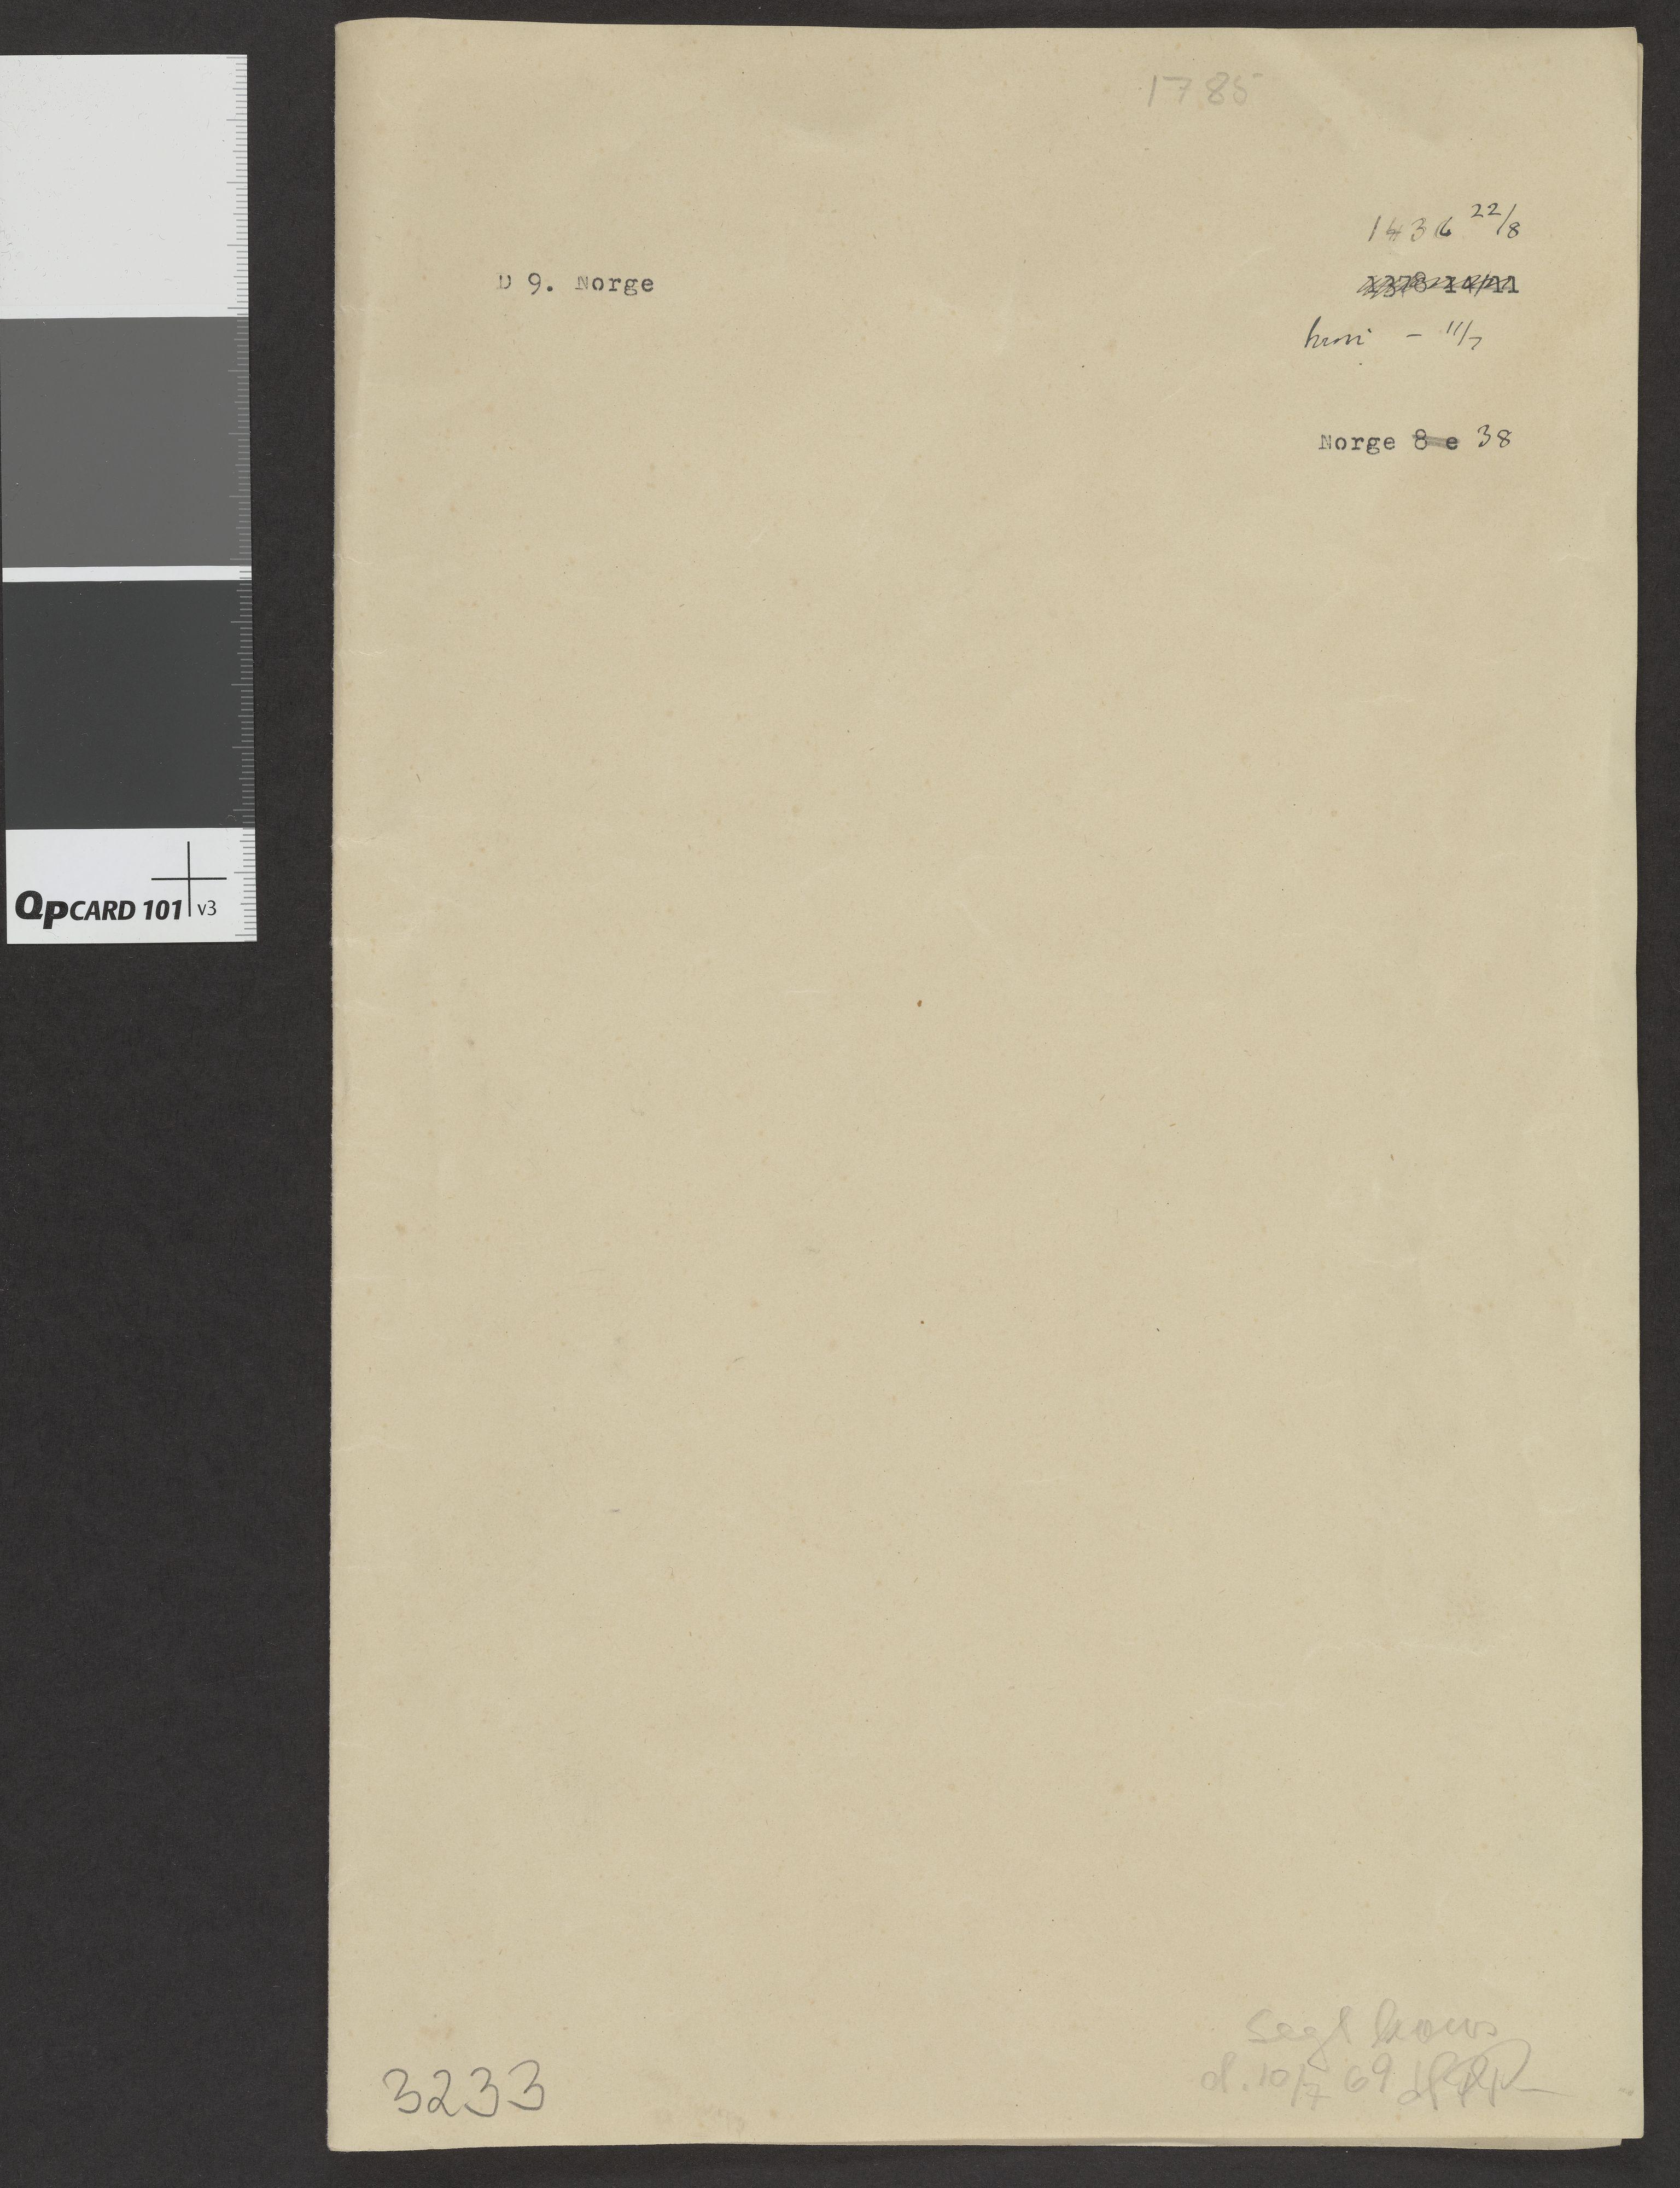 RA, Riksarkivets diplomsamling, F06/L0025: Dokument nr. 38, 40